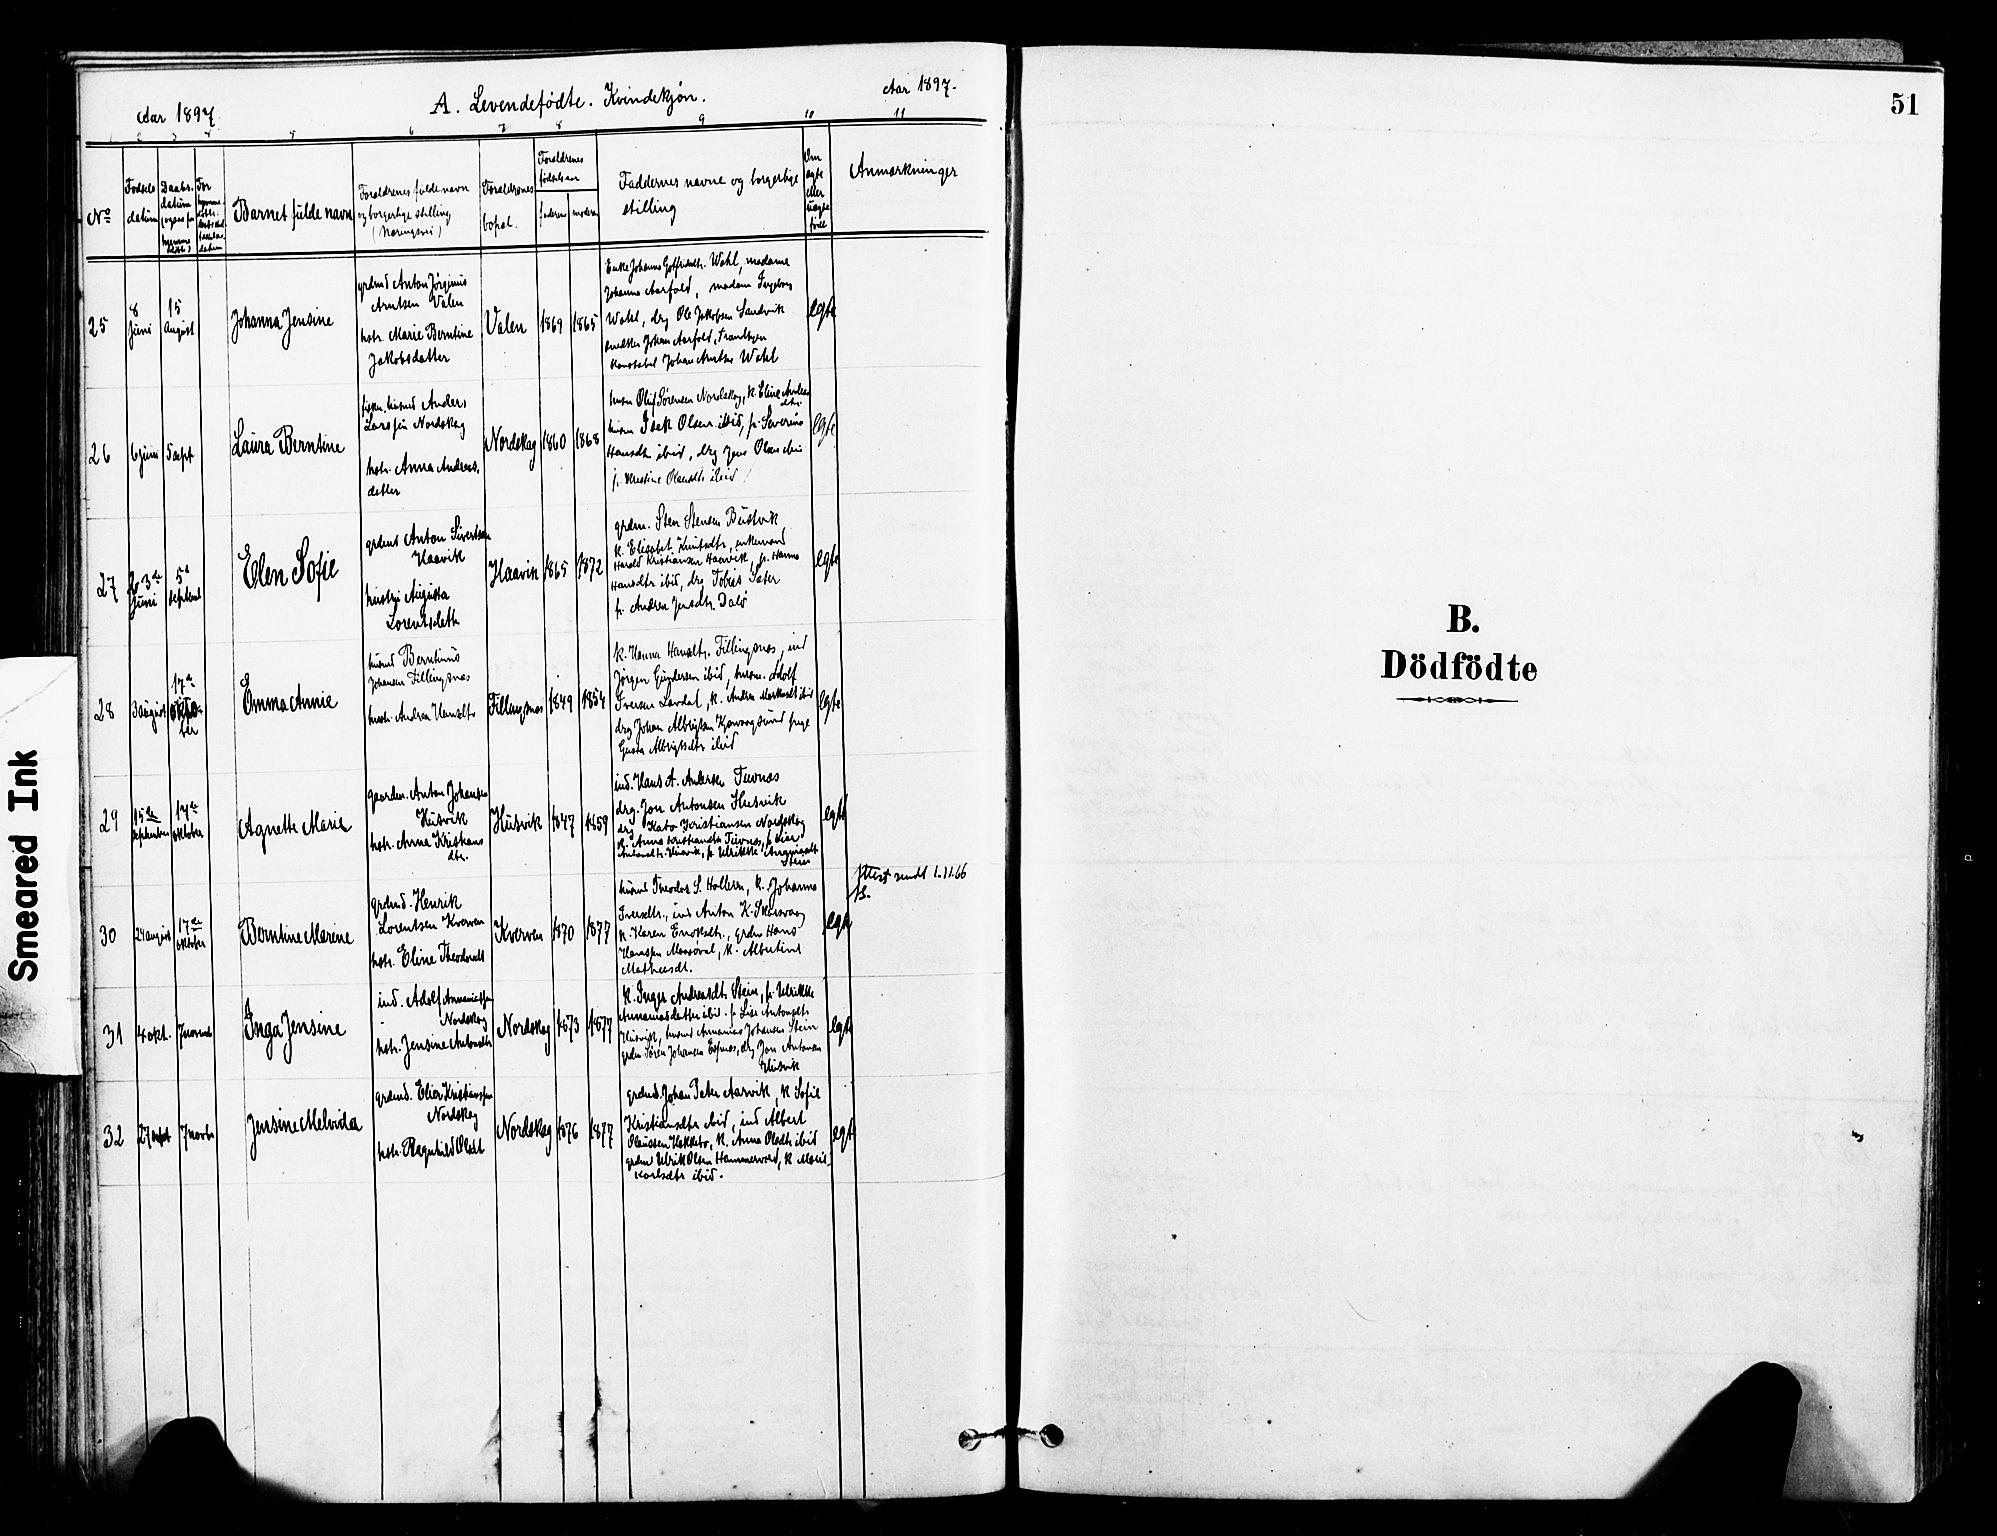 SAT, Ministerialprotokoller, klokkerbøker og fødselsregistre - Sør-Trøndelag, 641/L0595: Ministerialbok nr. 641A01, 1882-1897, s. 51